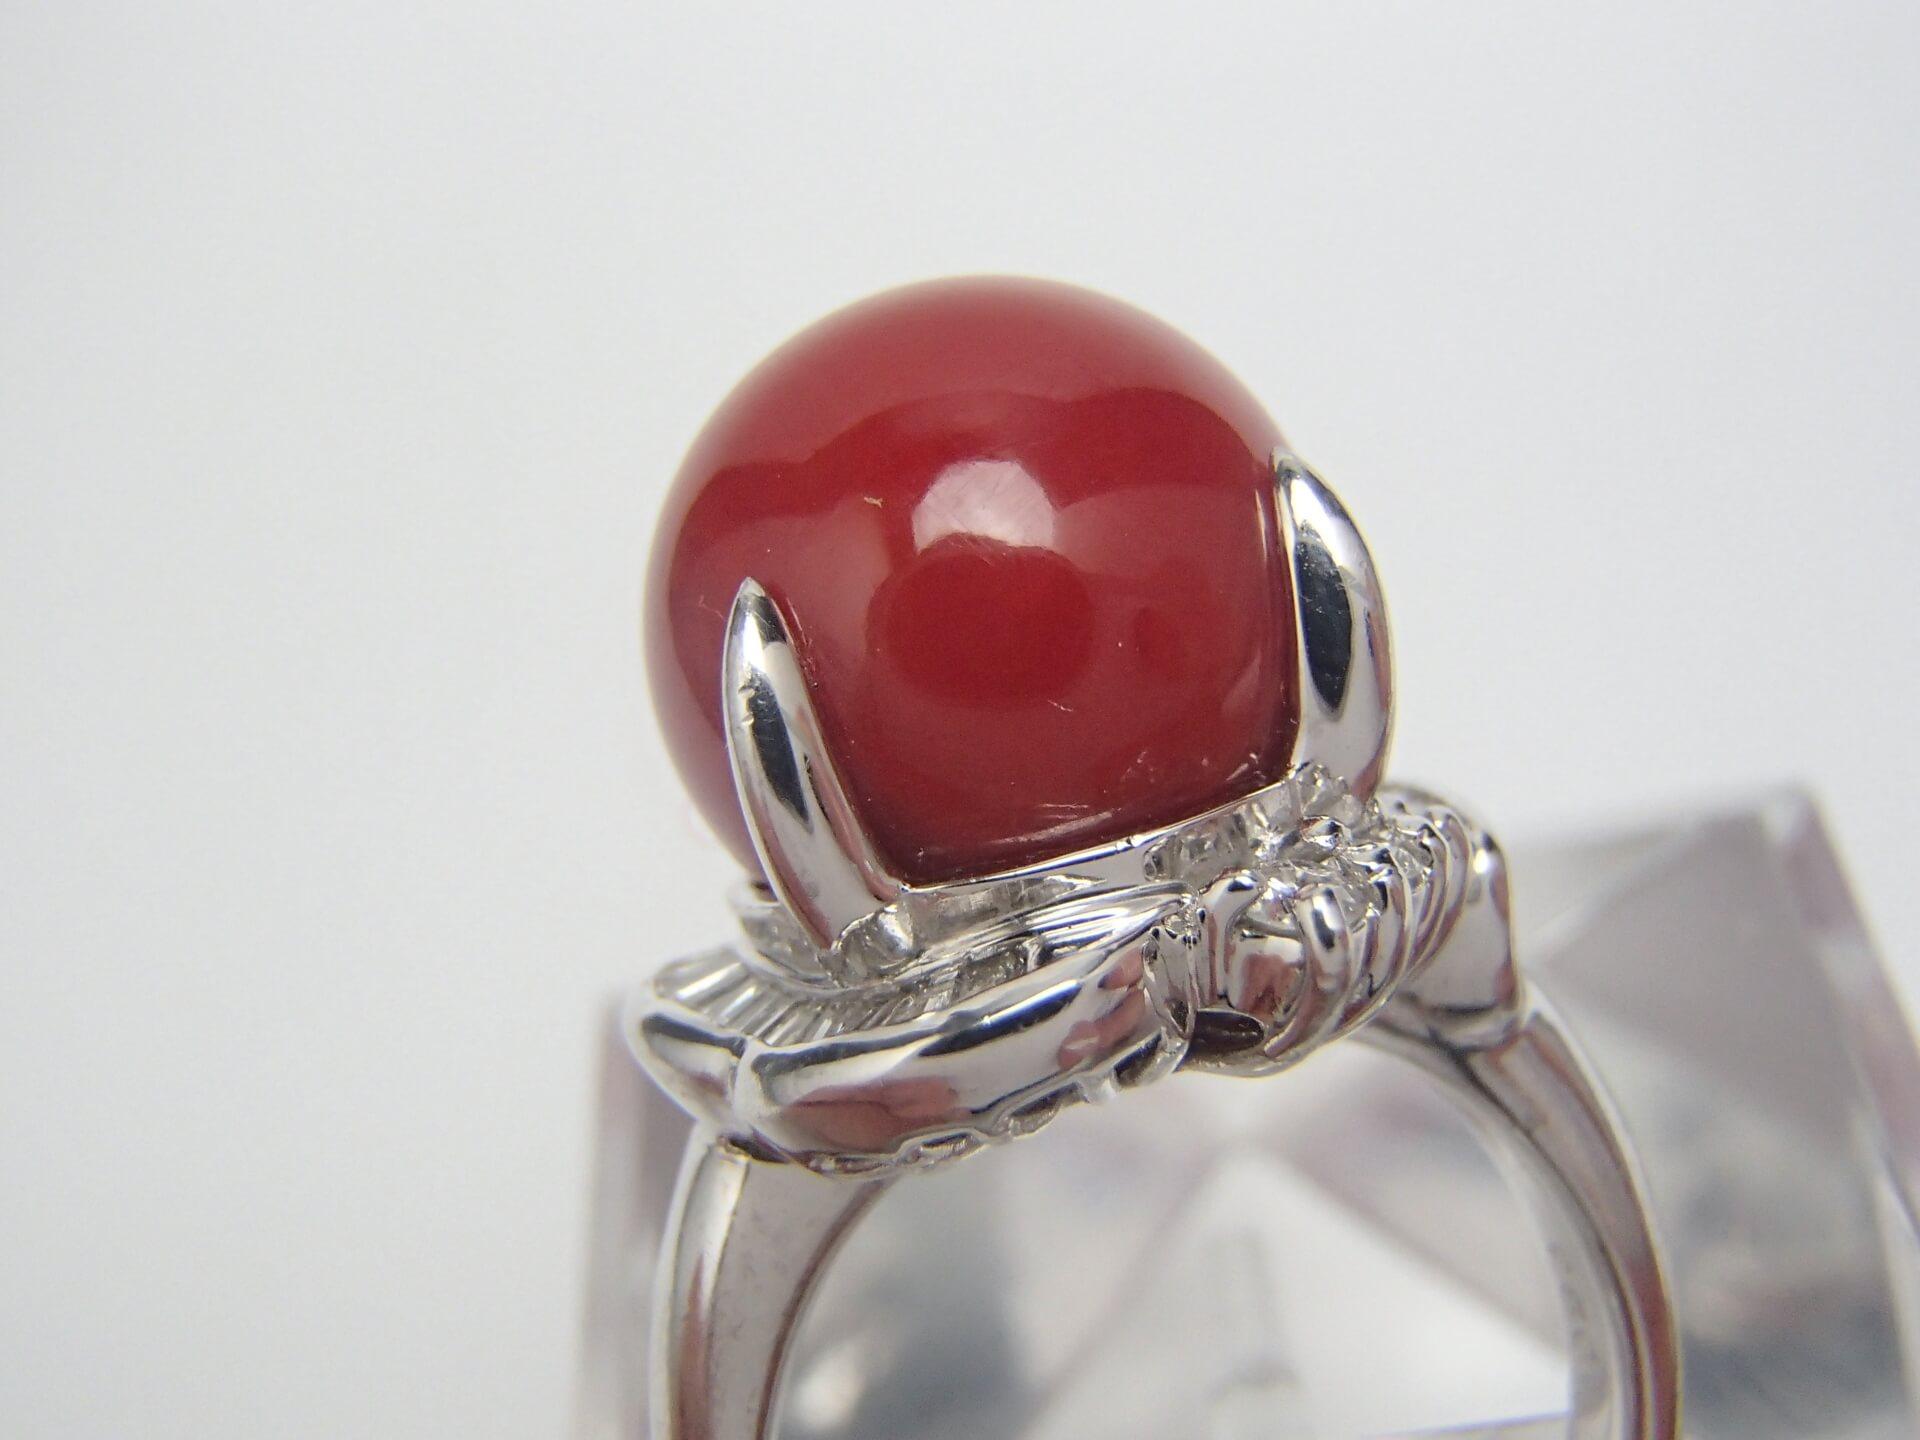 赤珊瑚のリングを高額買取しました! 滋賀県のお客様